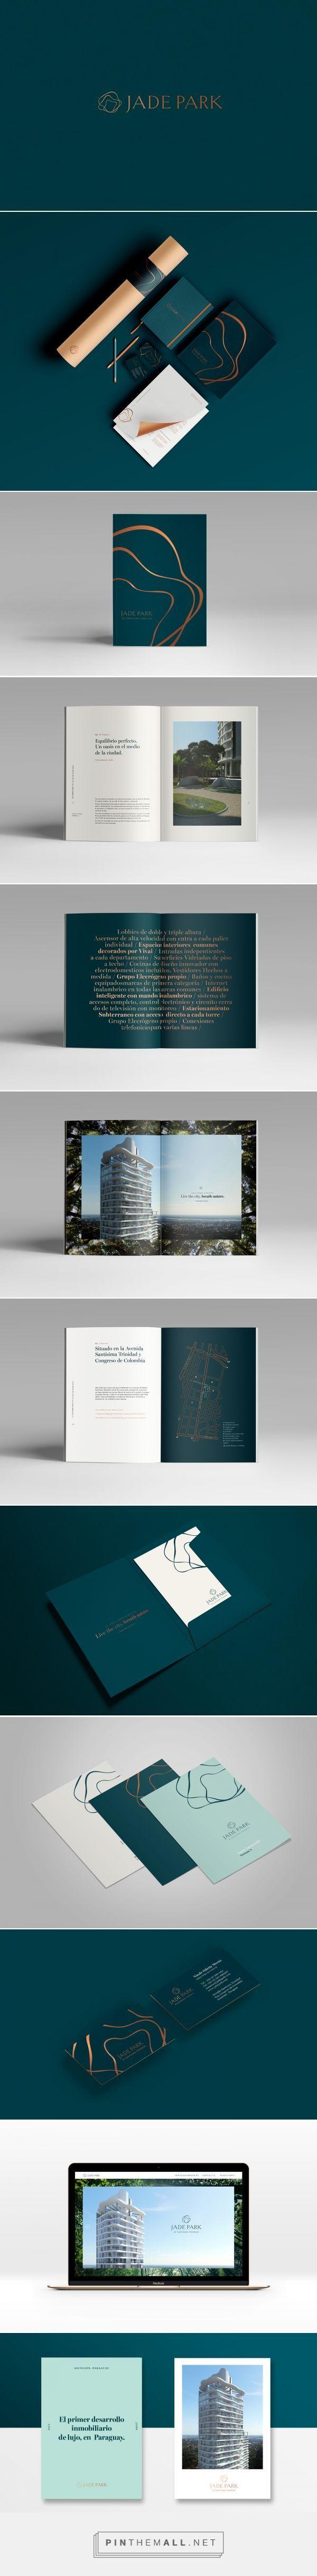 Jade Park Branding on Behance | Fivestar Branding – Design and Branding Agency & Inspiration Gallery